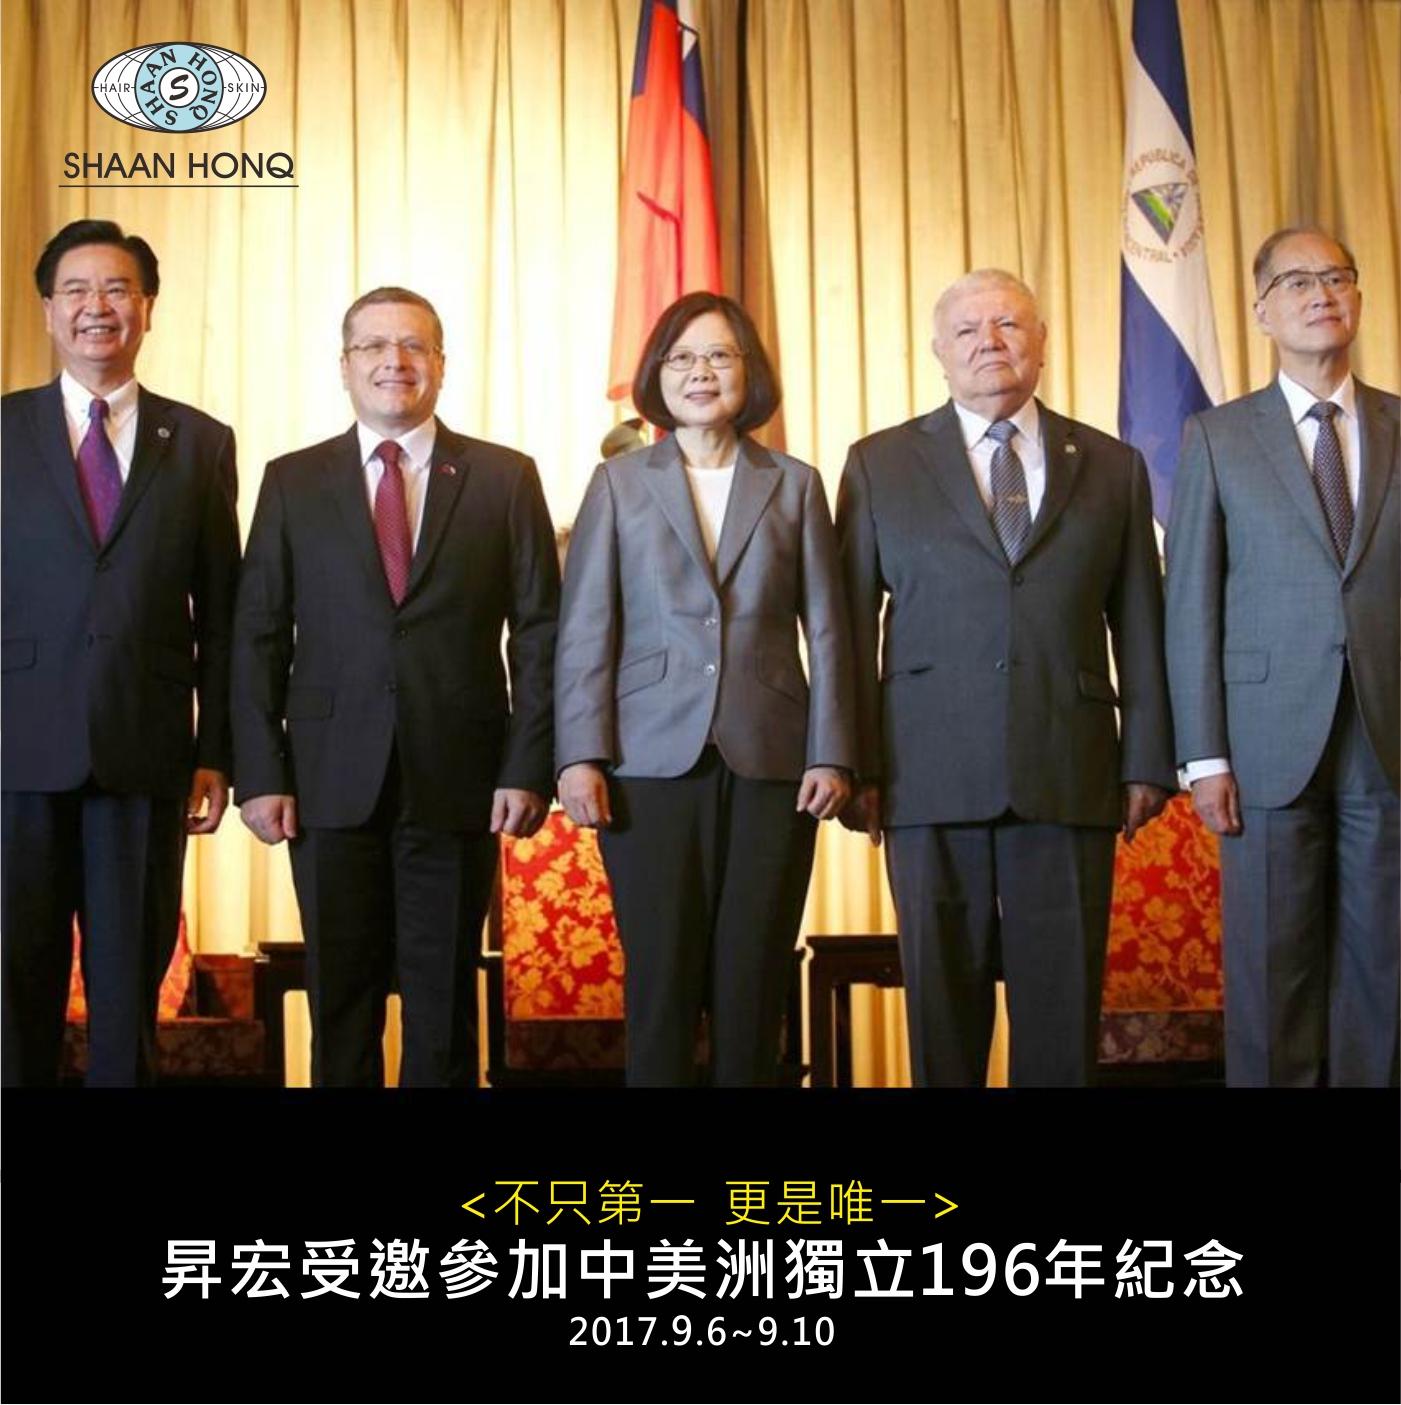 2017昇宏受邀參加中美洲獨立196年紀念